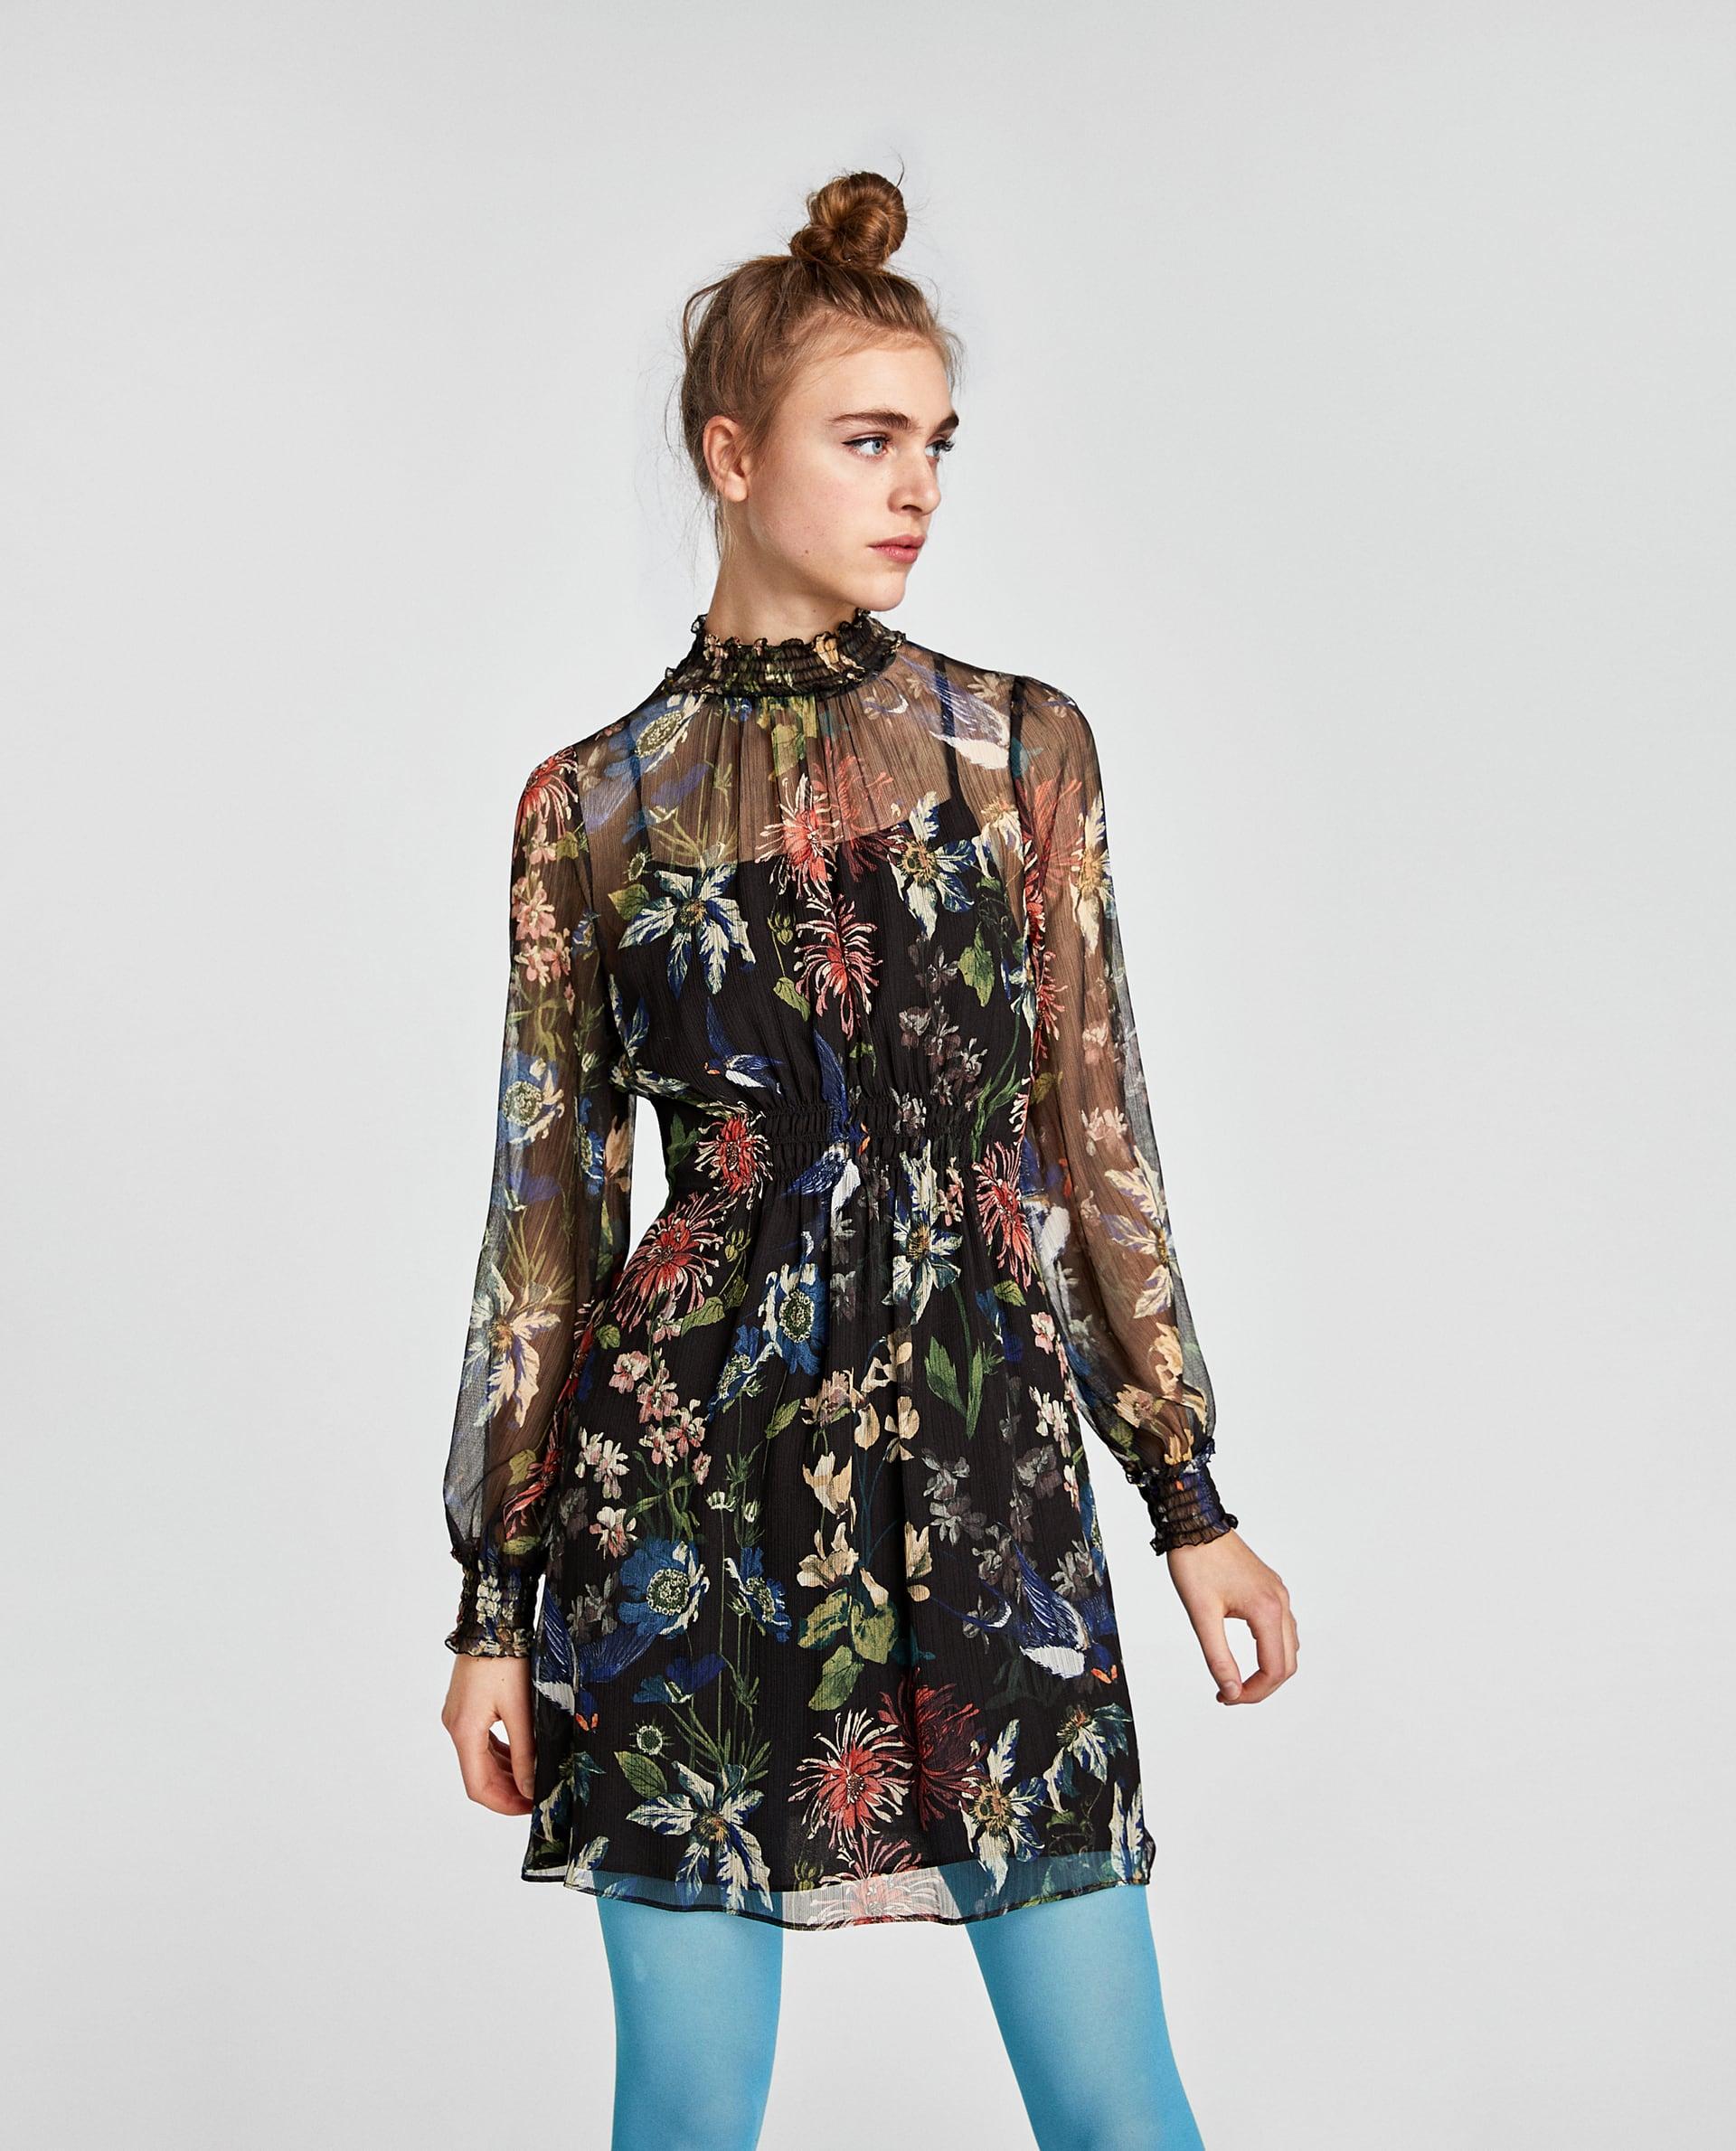 Zara abbigliamento Primavera Estate 2018  la nuova collezione ... b7c27dcbffe